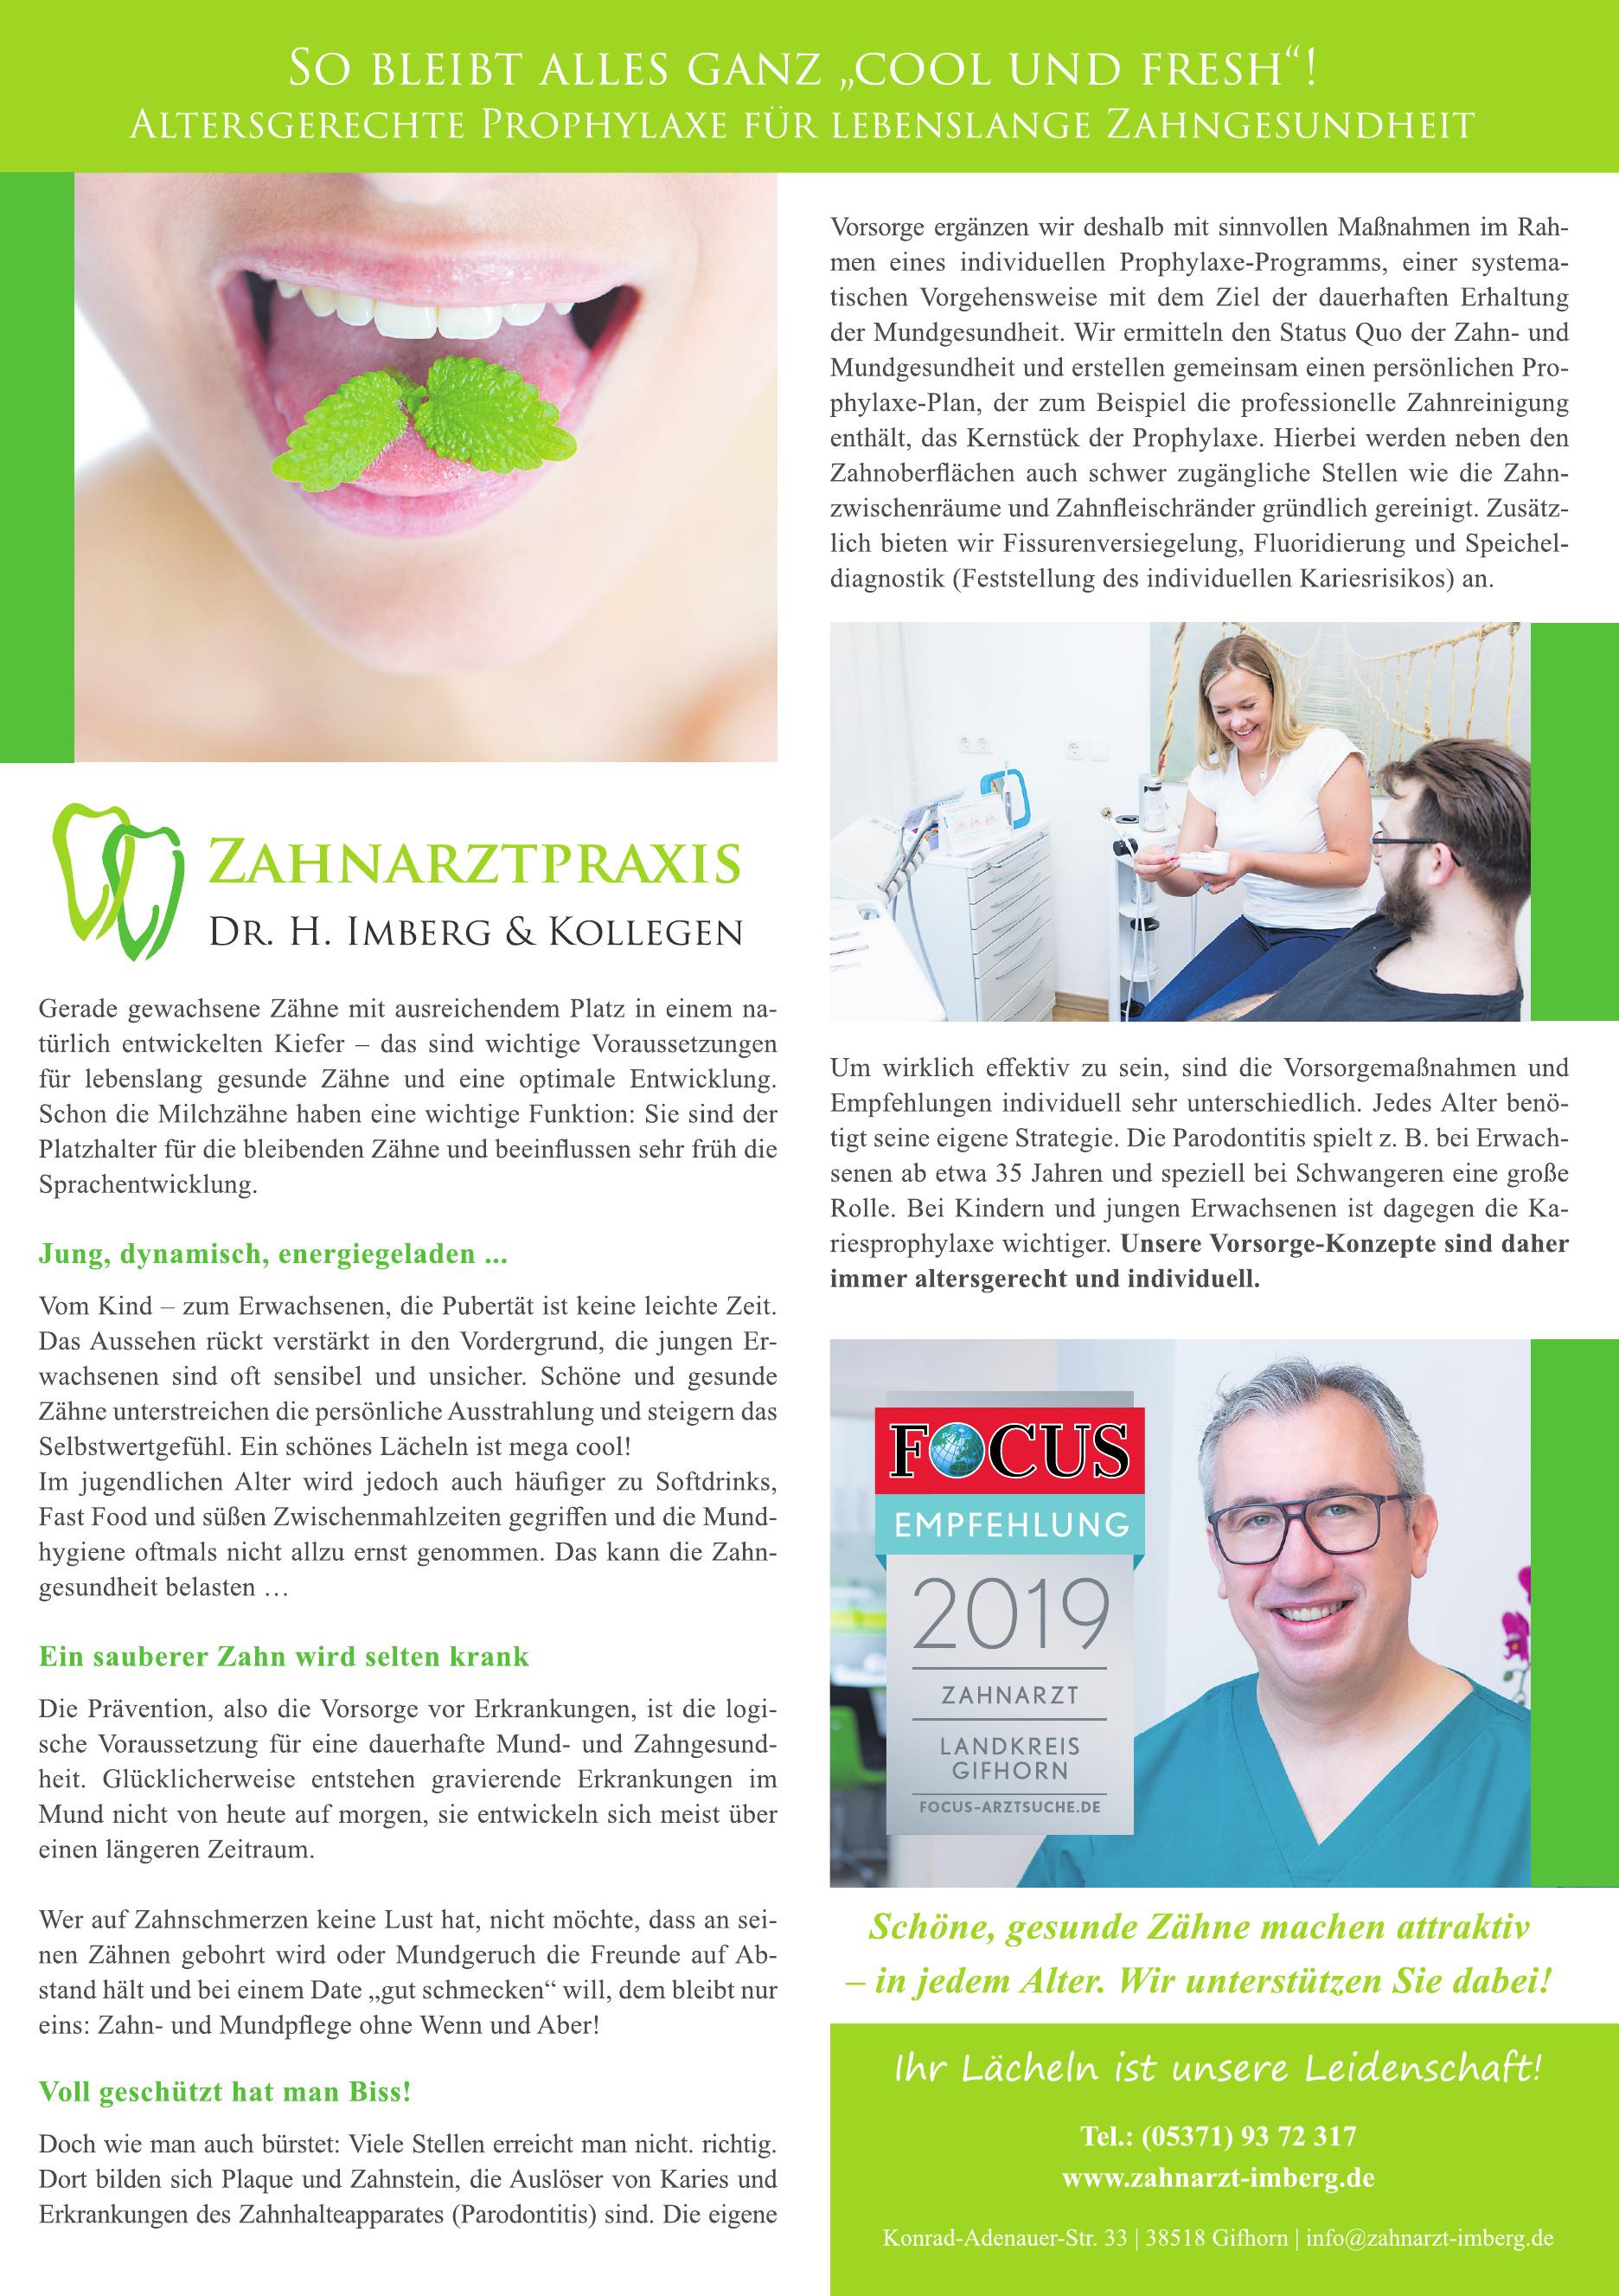 Zentrum für Zahngesundheit Dr. Imberg & Kollegen